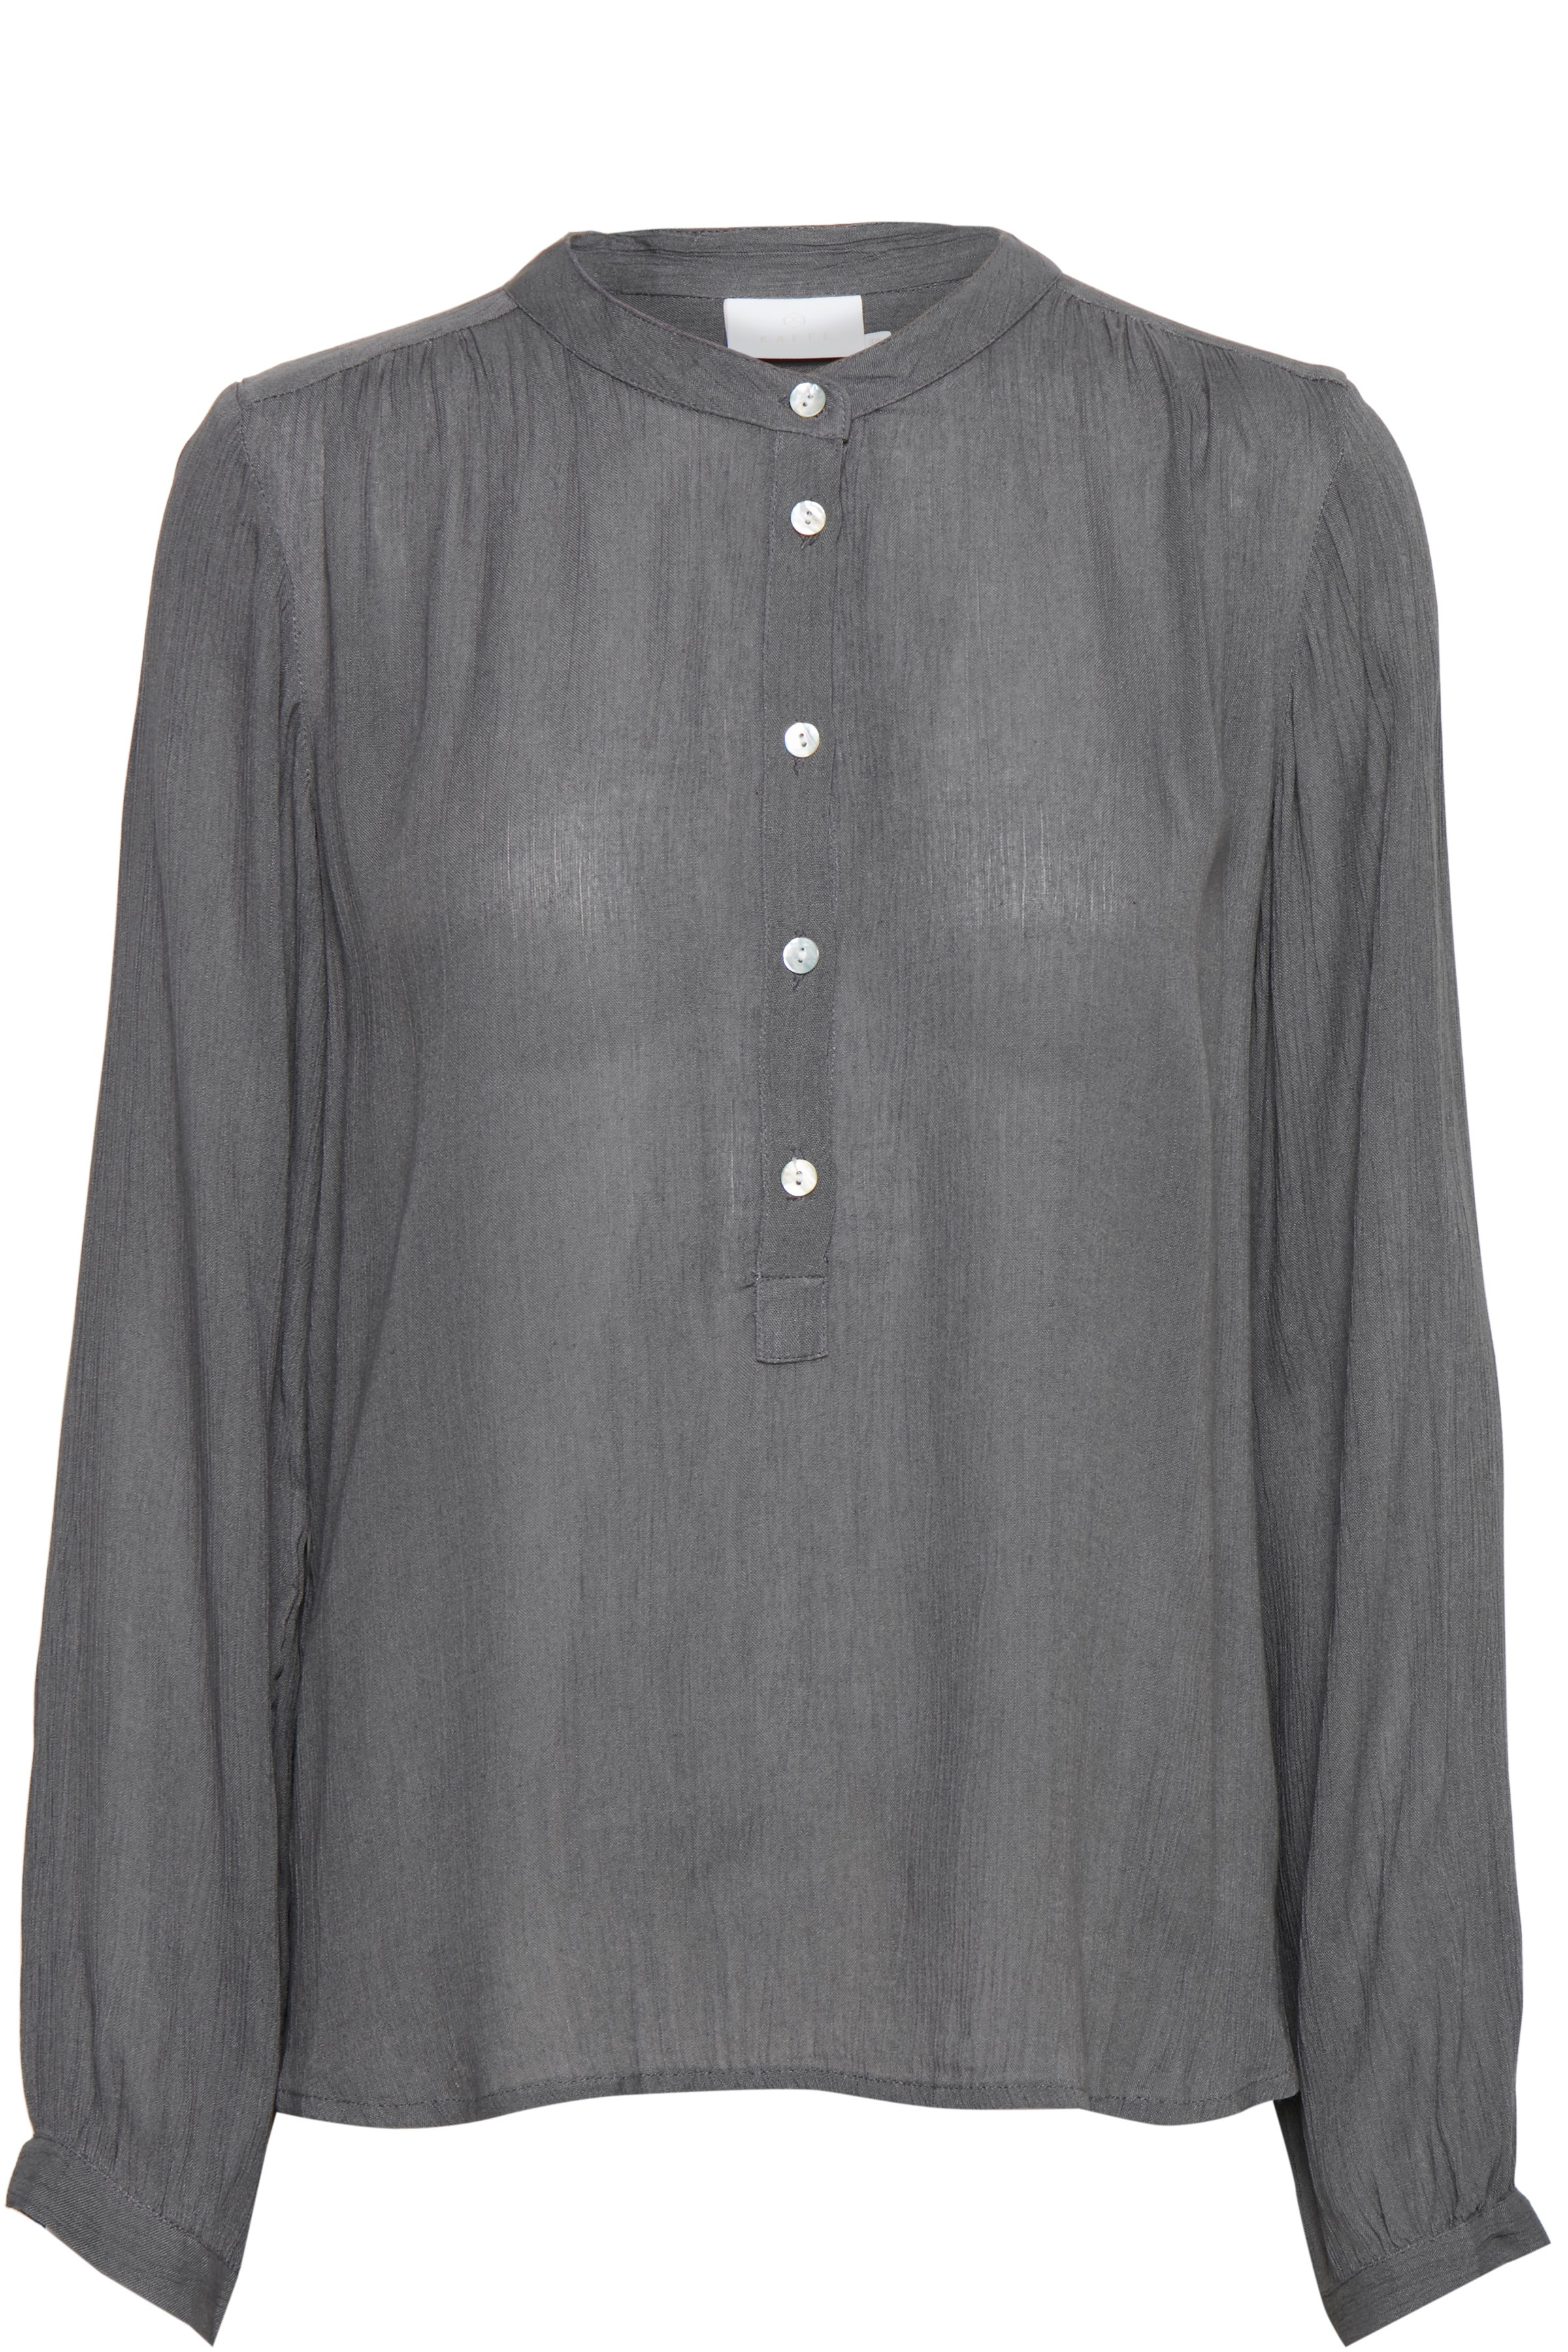 Hellgrau Langarm-Bluse von Kaffe – Shoppen Sie Hellgrau Langarm-Bluse ab Gr. 34-46 hier